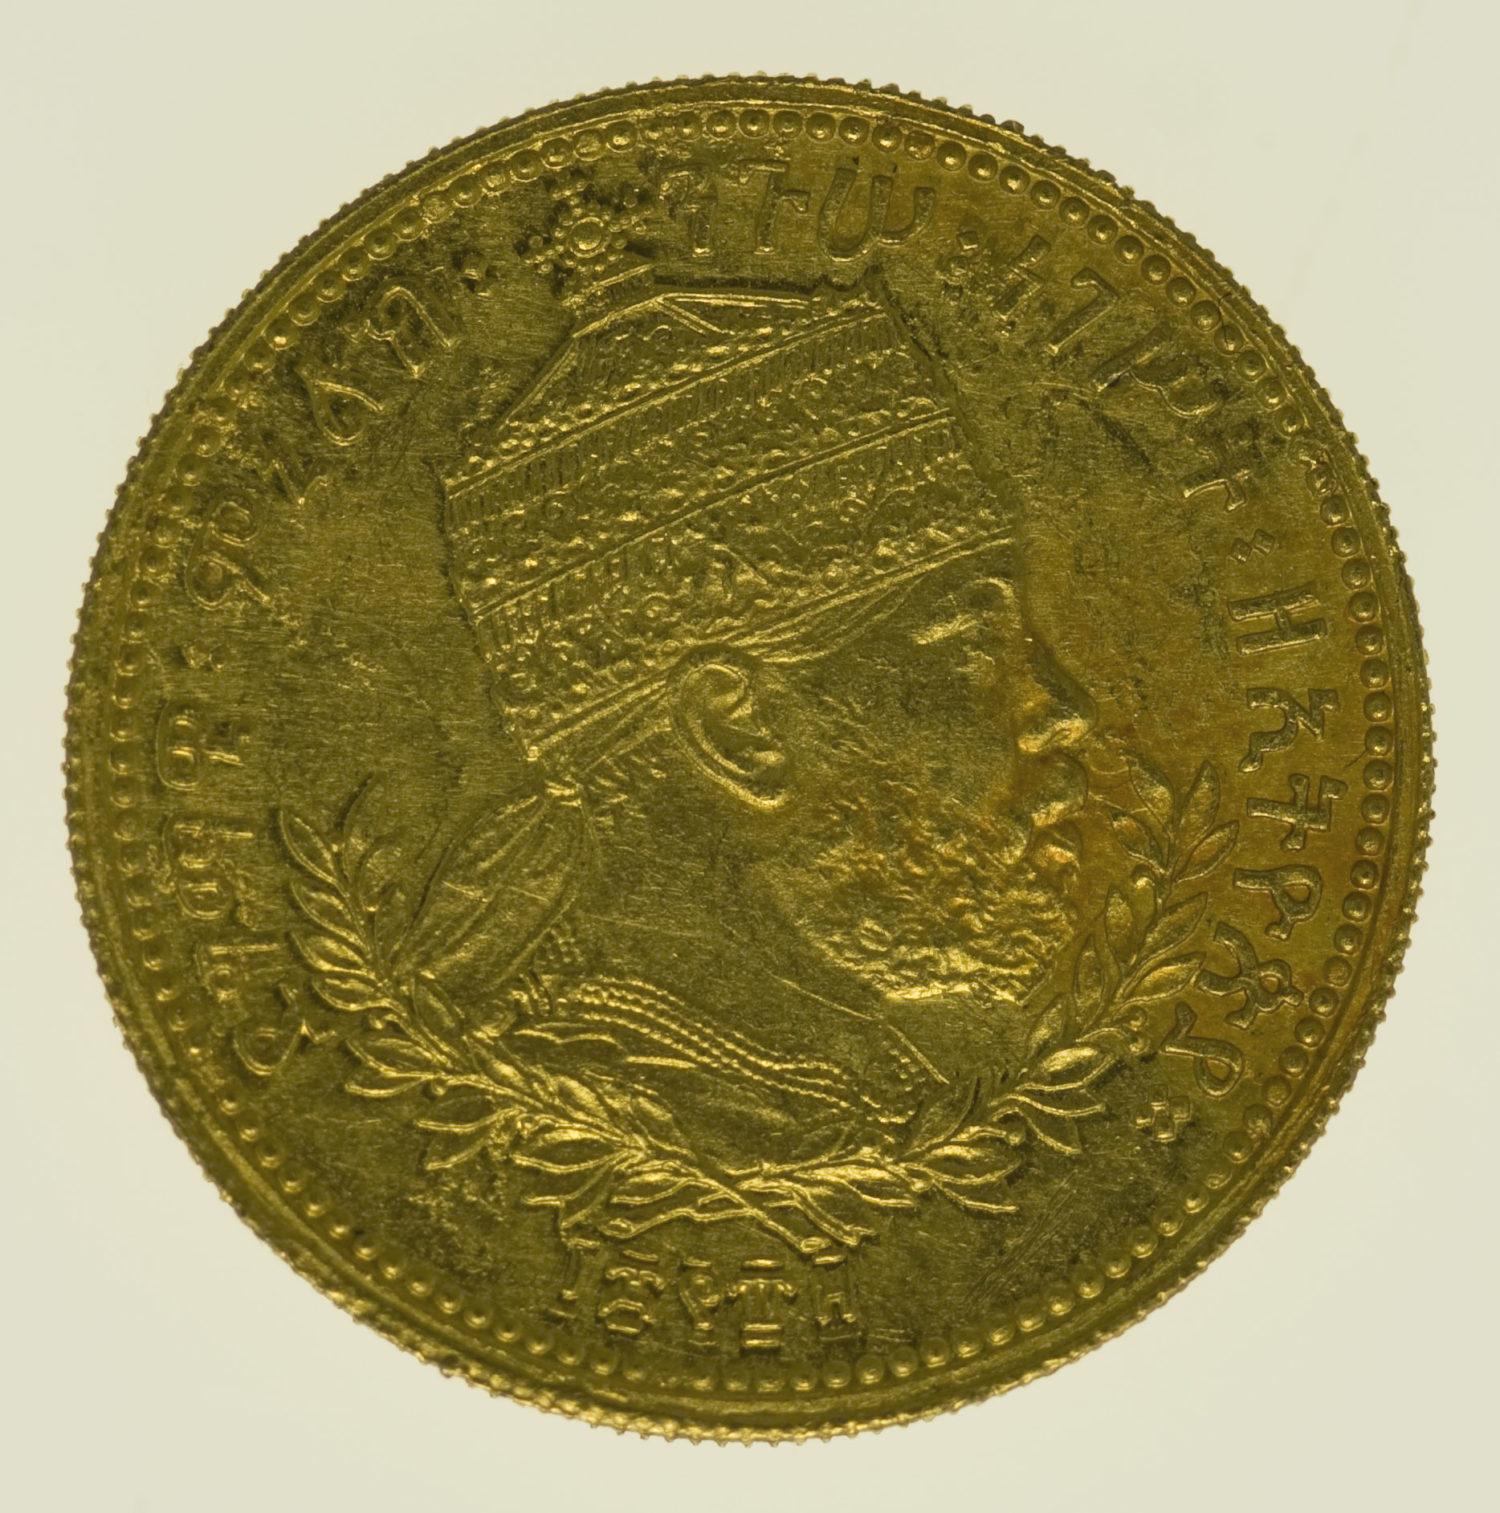 aethiopien - Äthiopien Menelik II Wark 1897